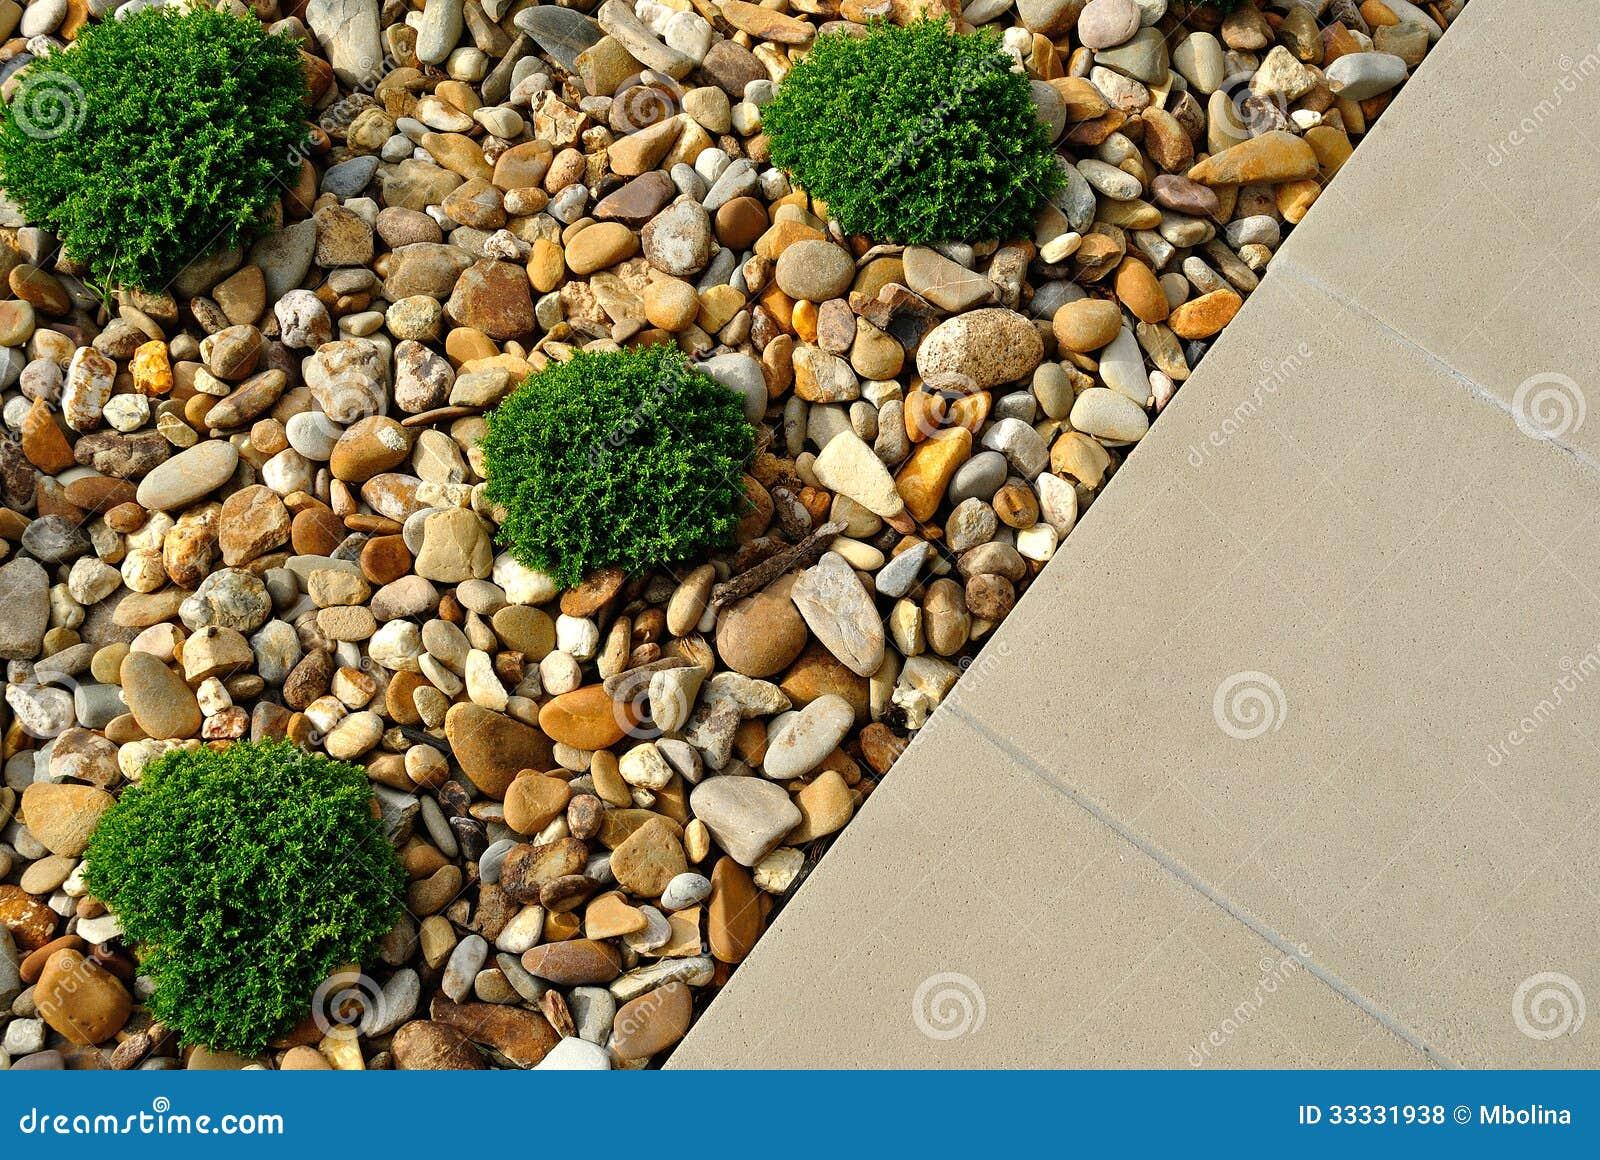 Idee di architettura del p saggio fotografie stock libere for Idee artistiche di progettazione del paesaggio